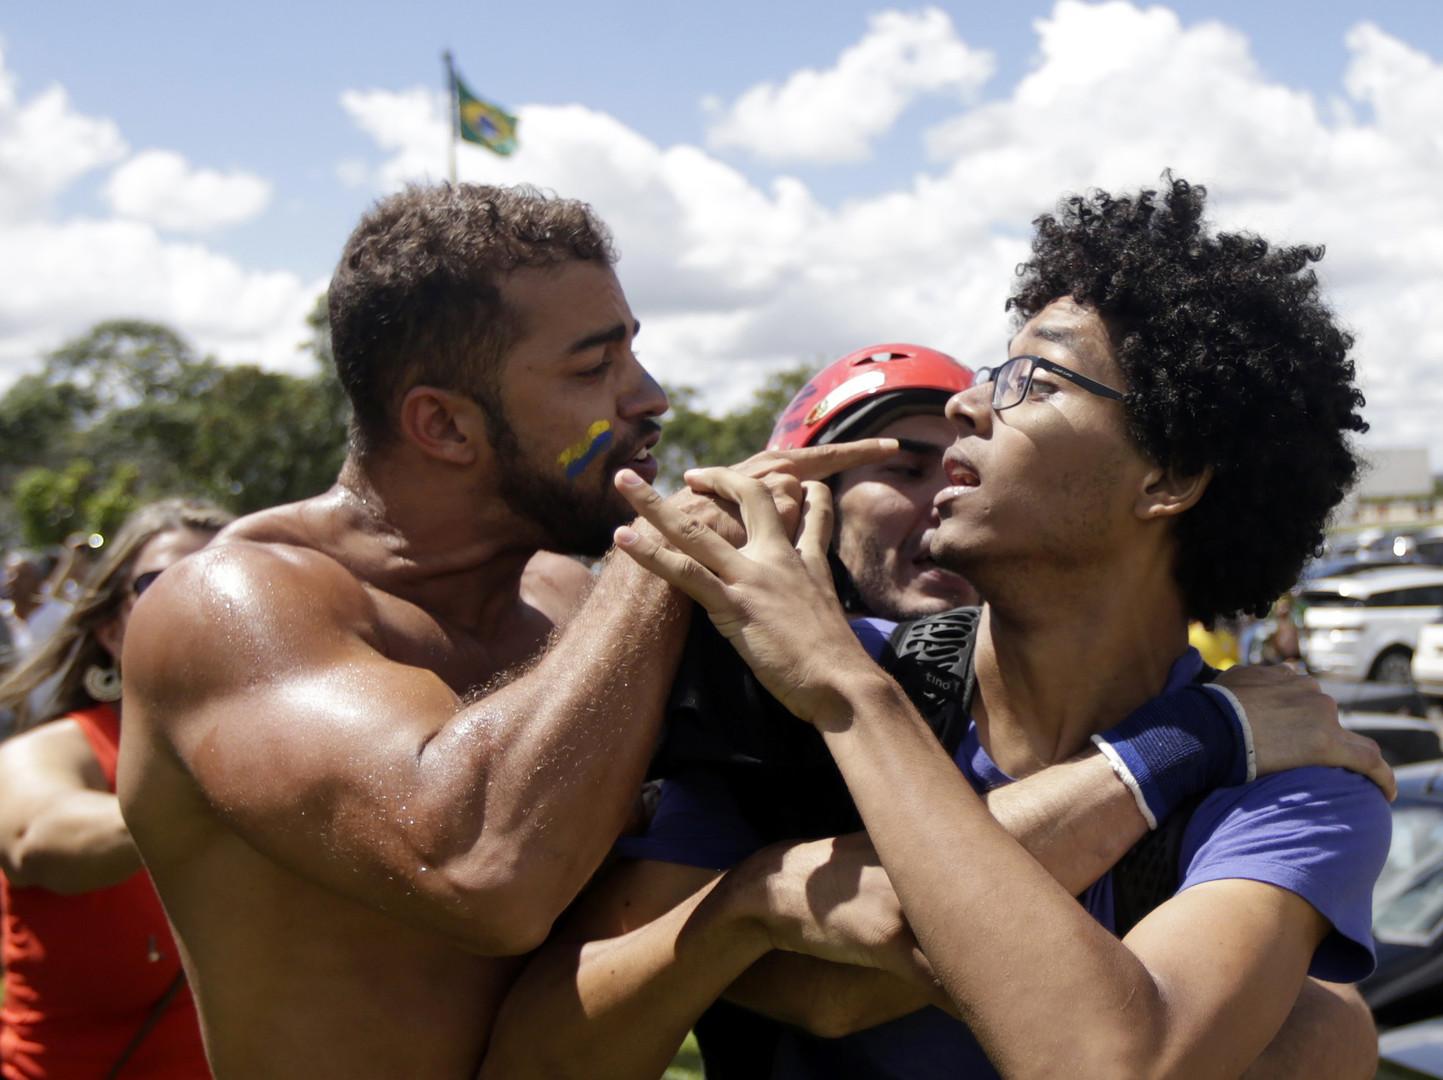 Dispute entre un partisan et un adversaire de la présidente Dilma Roussef avant la nomination au gouvernement de l'ex-président Luiz Inacio Lula da Silva le 17 mars à Brasília